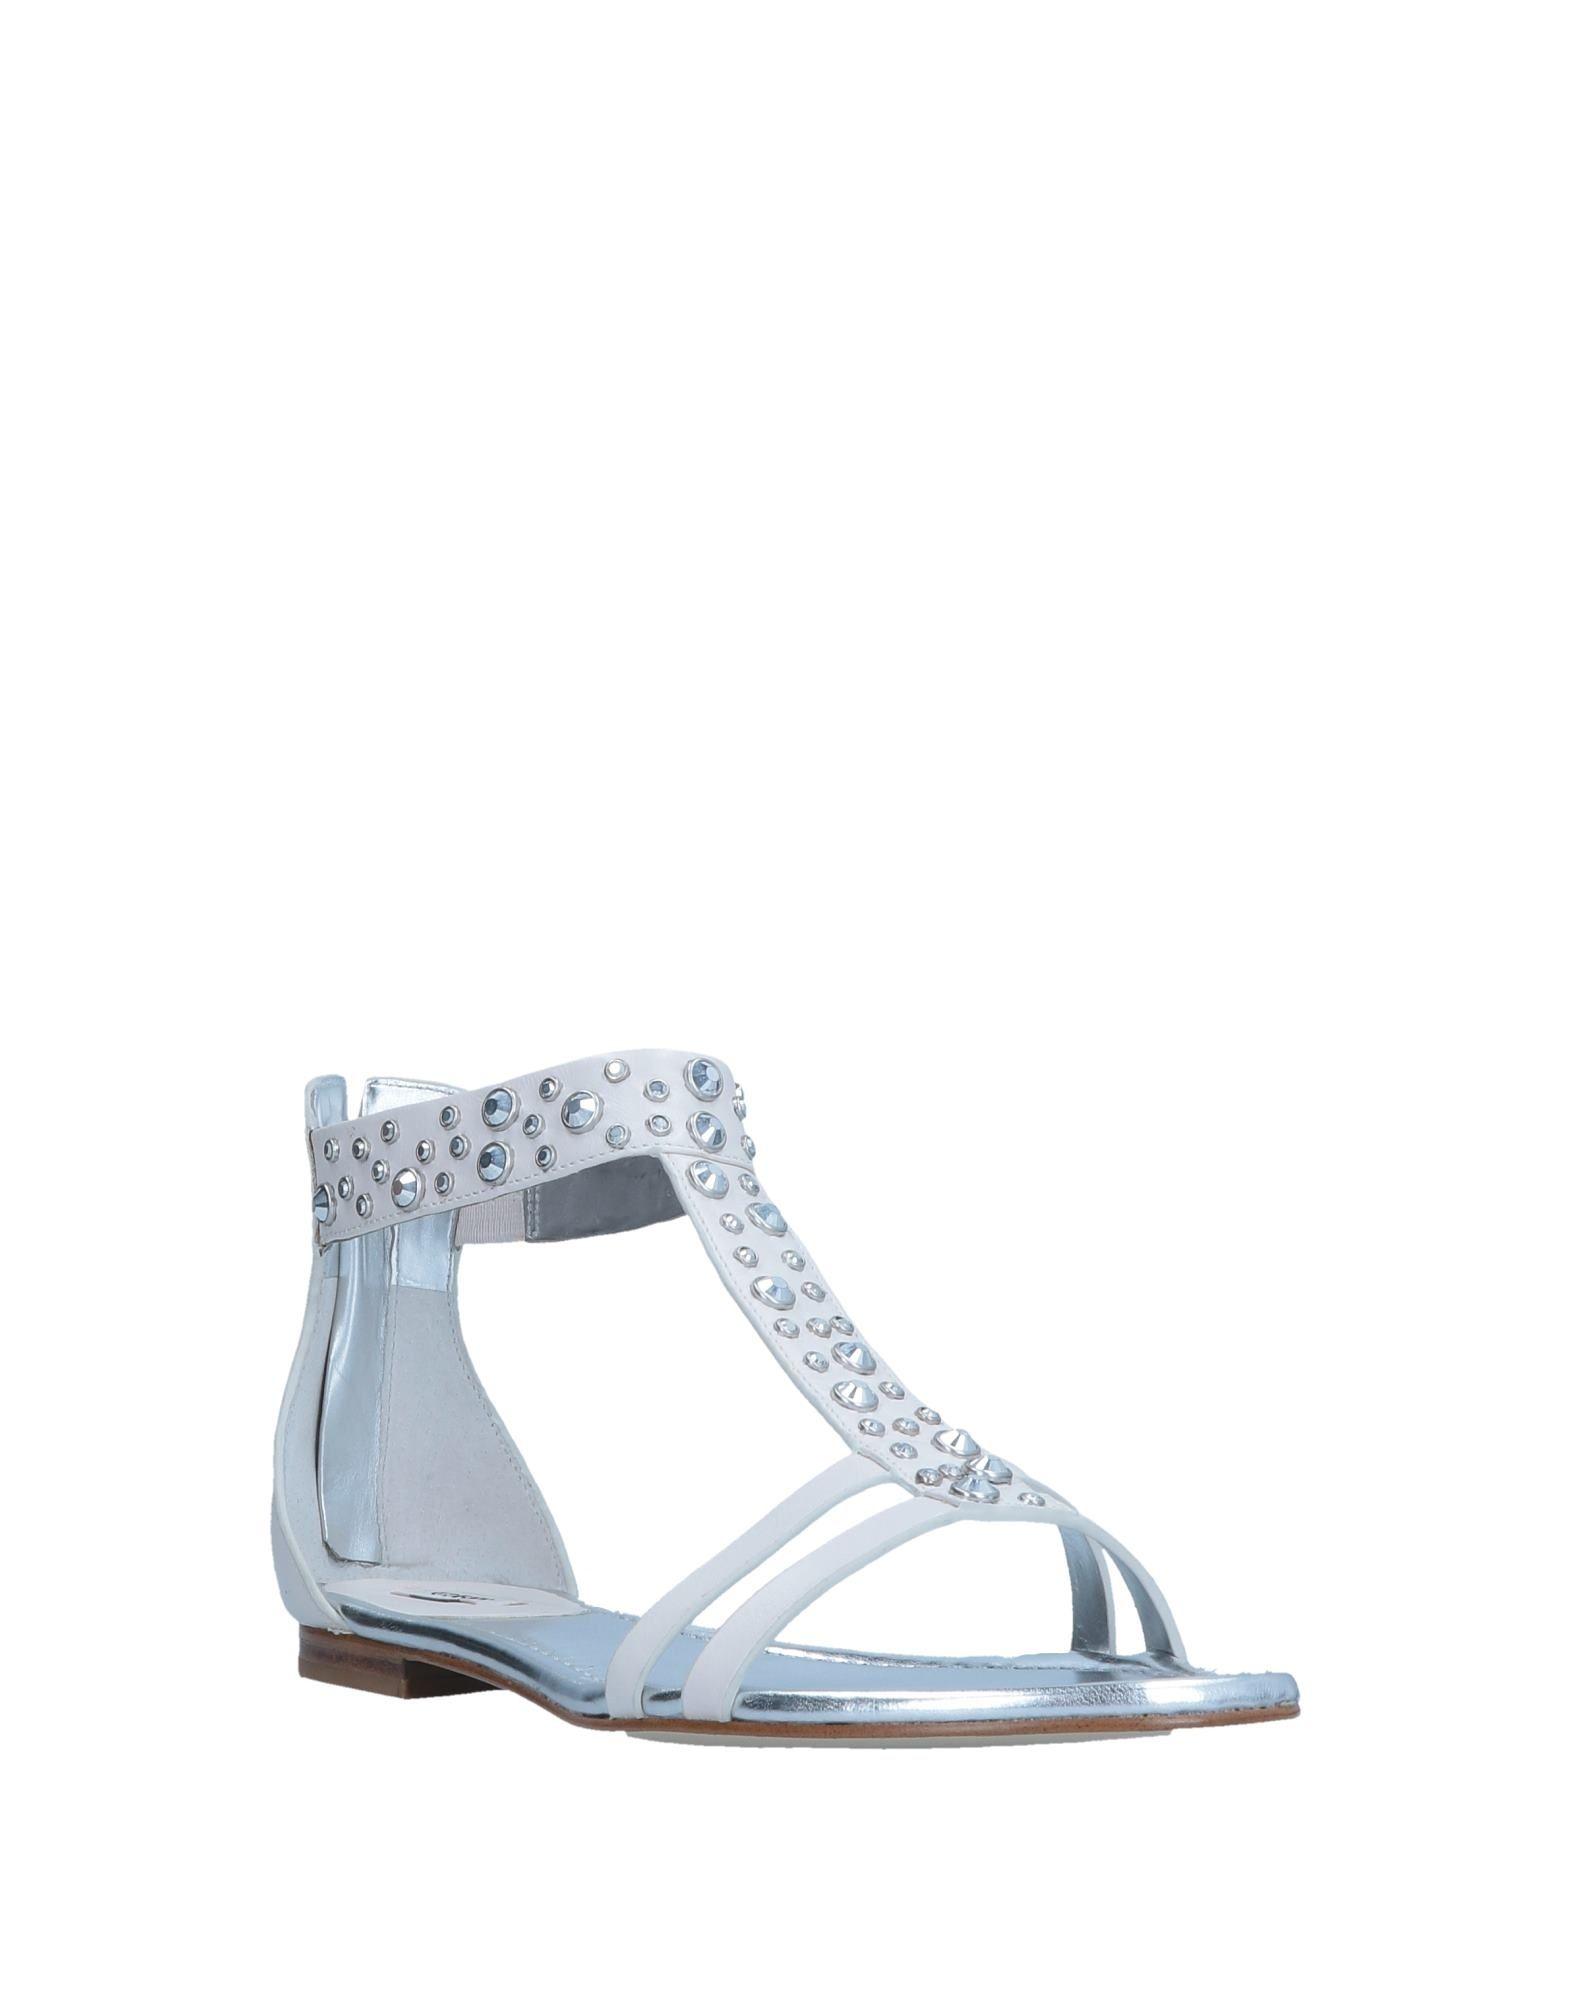 154612b21f44 ... Guess Sandalen Qualität Damen 44946561JP Gute Qualität Sandalen  beliebte Schuhe 230474 ...